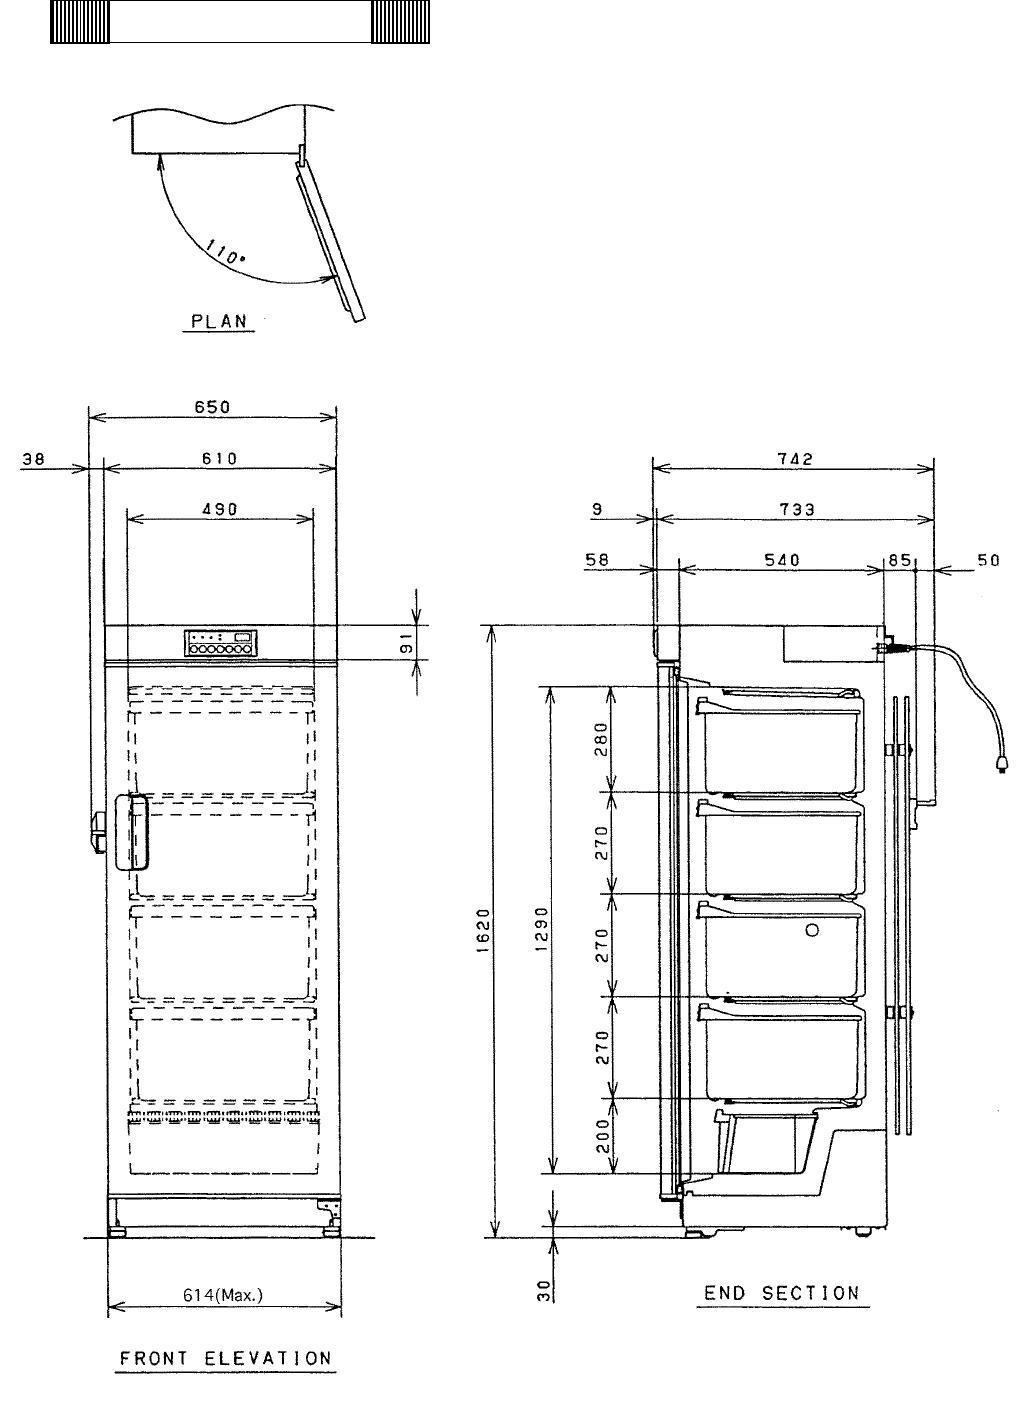 Sanyo MDF-U333/MDF-U537/MDF-U537D Service Manual Download